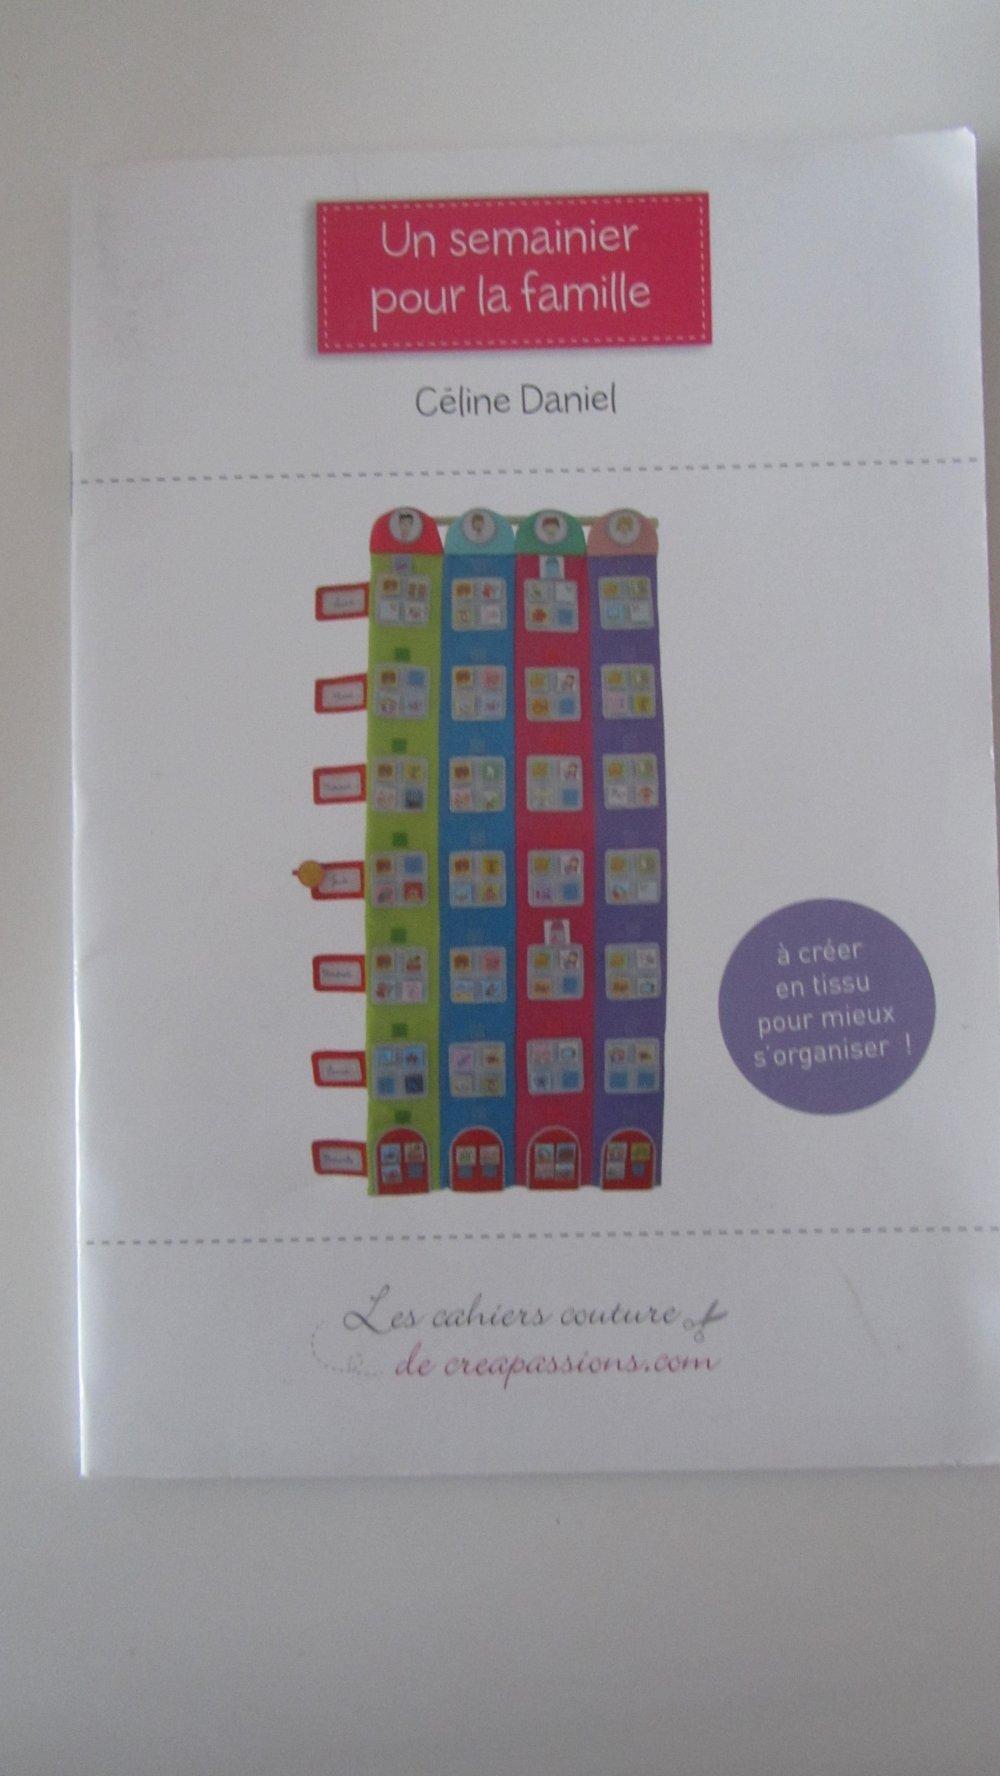 Faire Un Semainier livre-cahier de couture - patron un semainier pour la famille